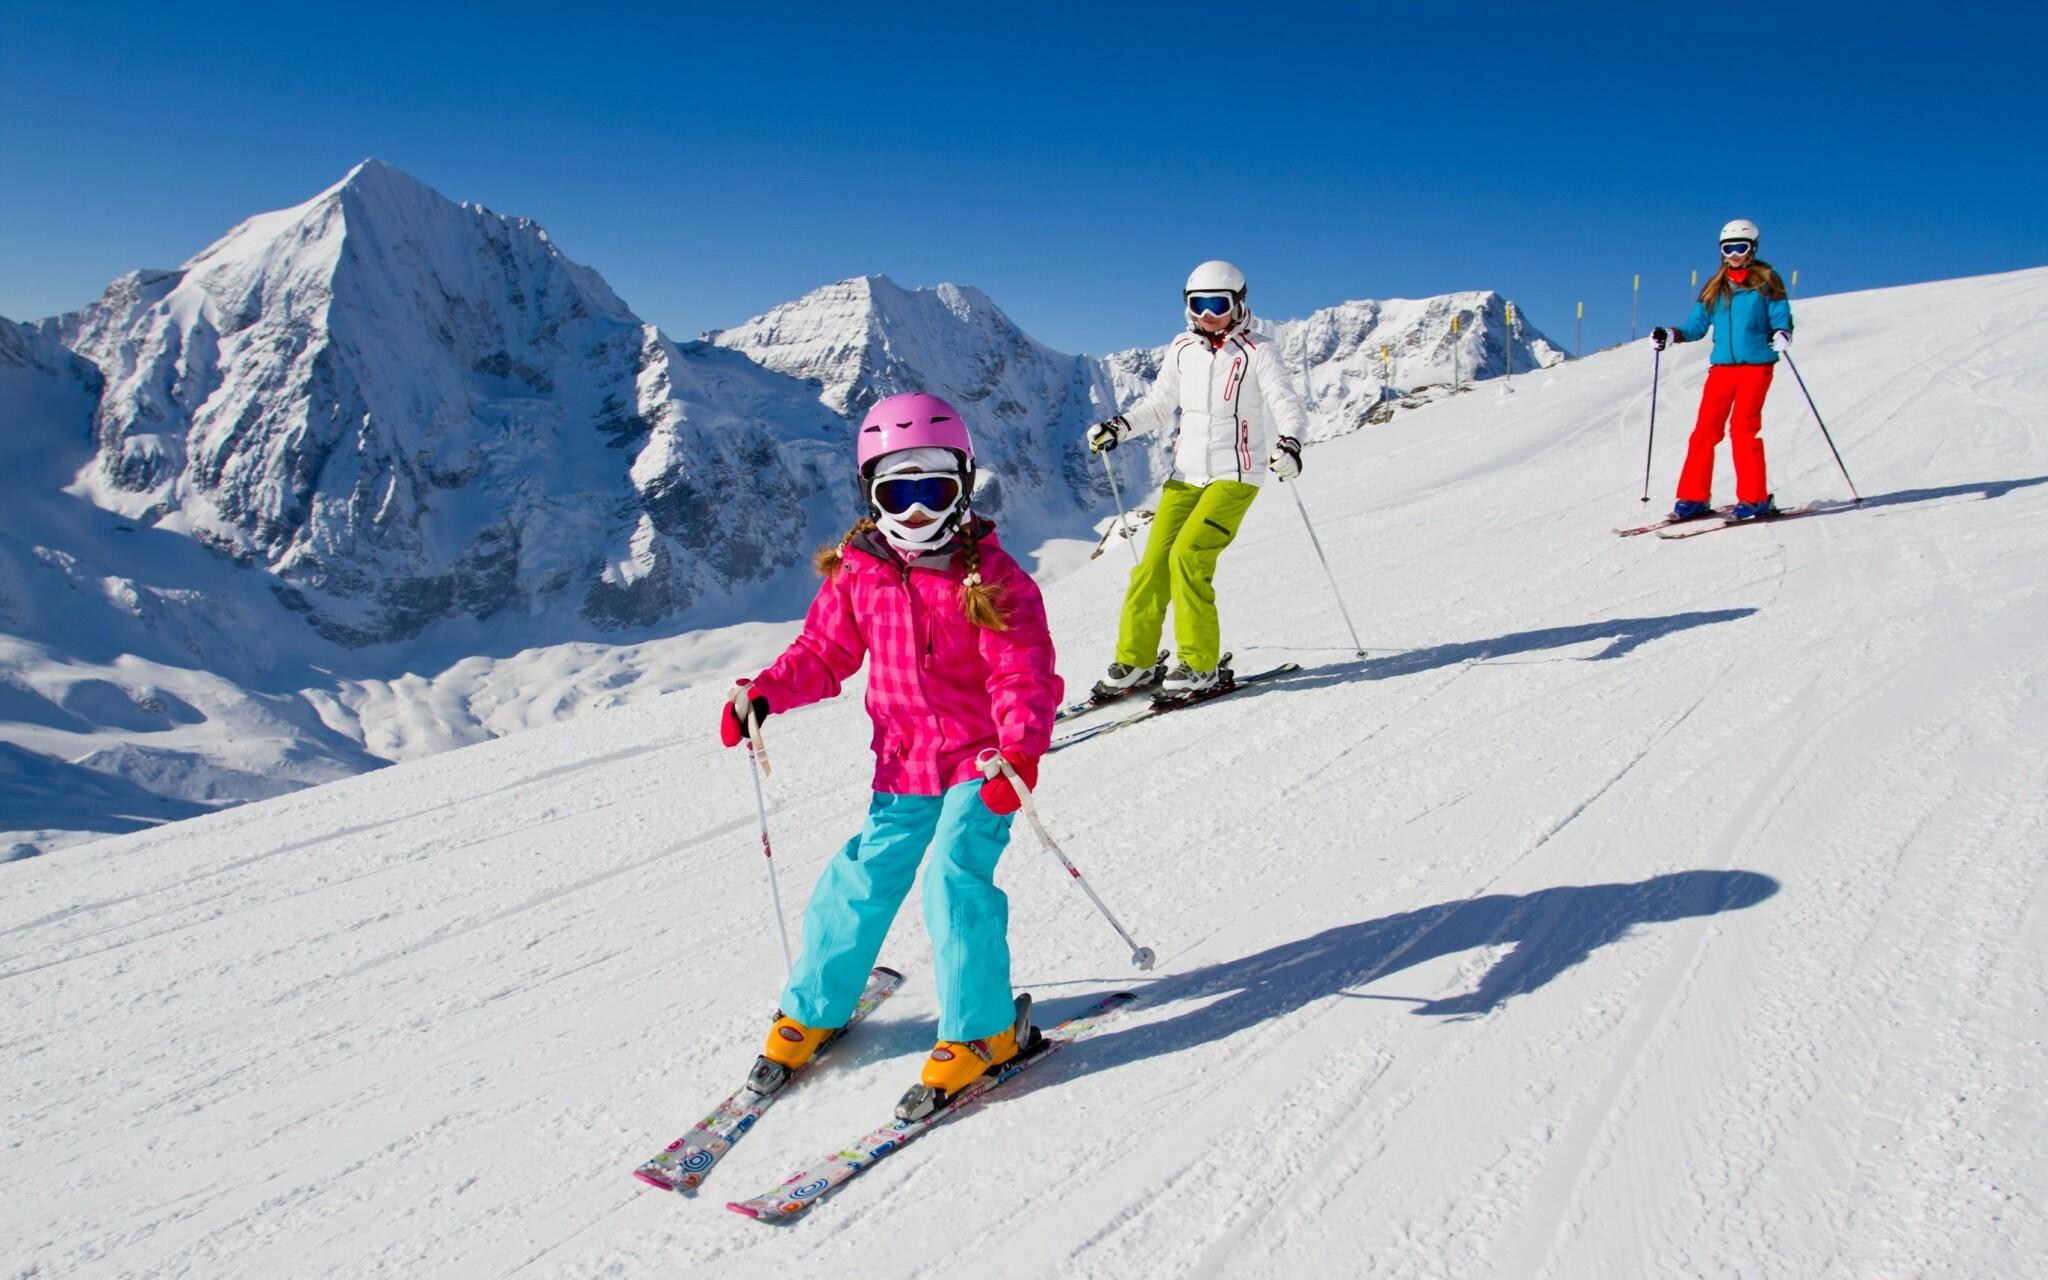 Užijte si parádní zimu plnou lyžování v Italských Alpách